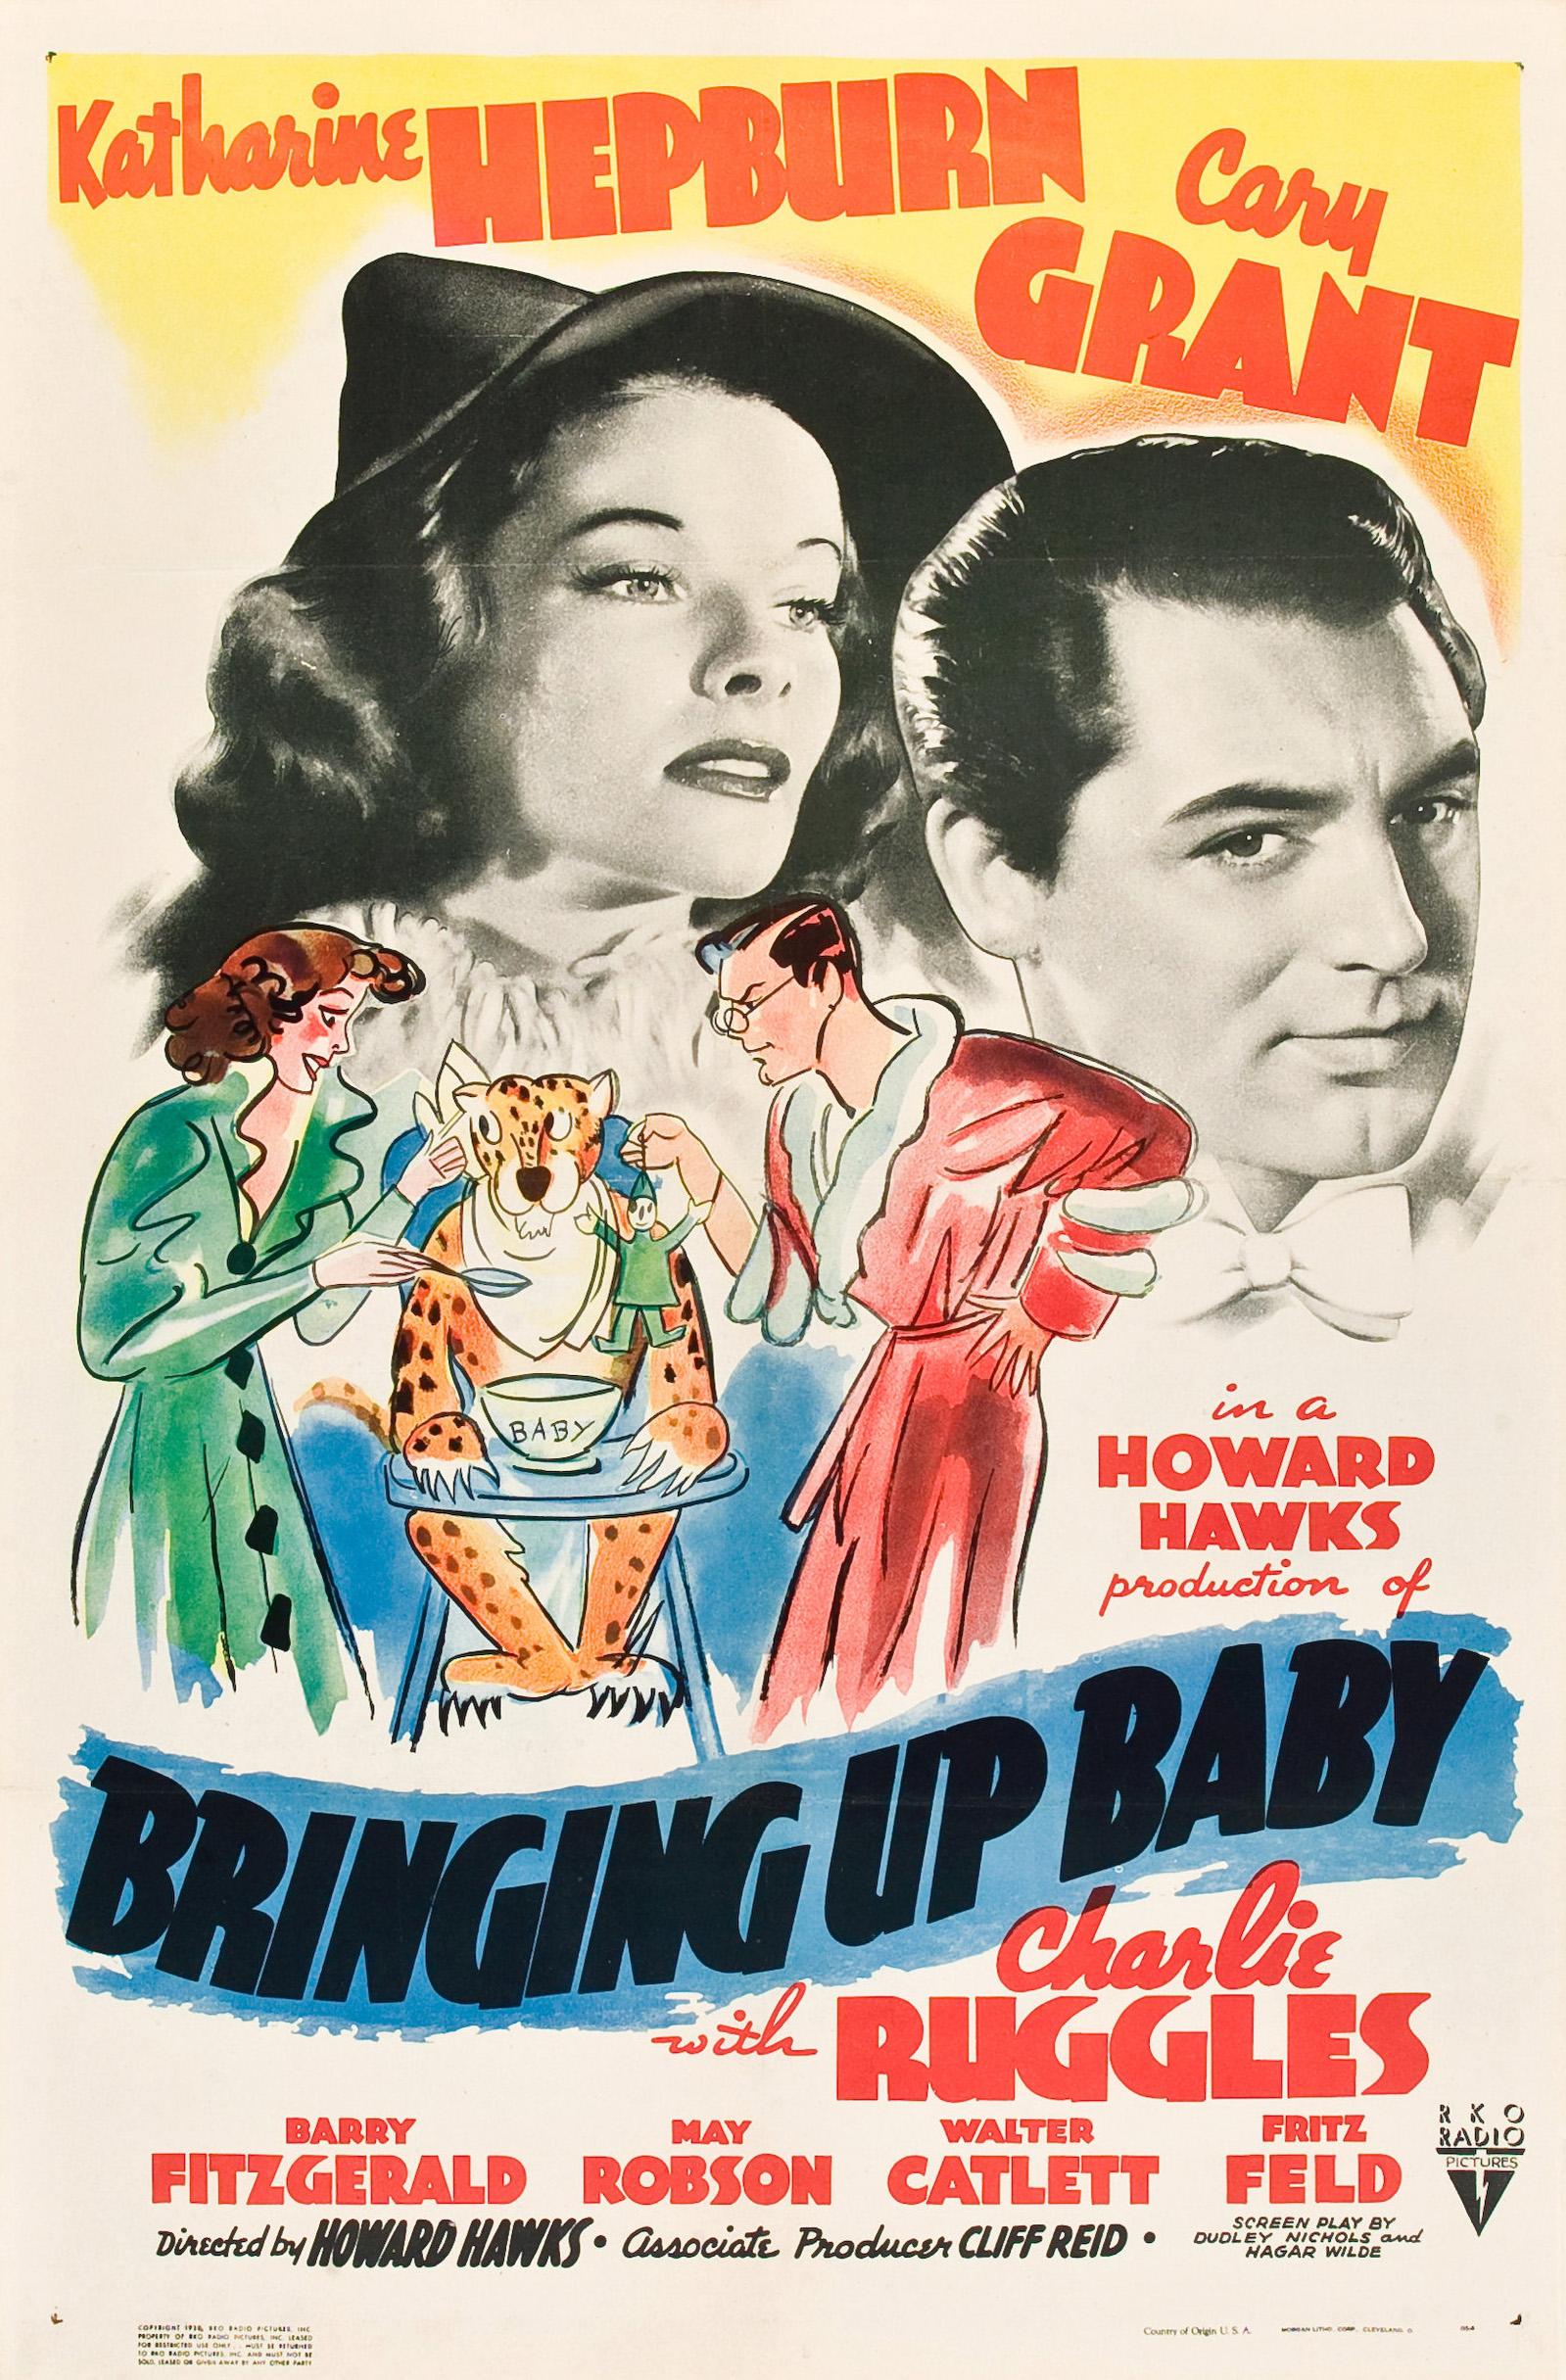 bringing_up_baby_1938_poster.jpg